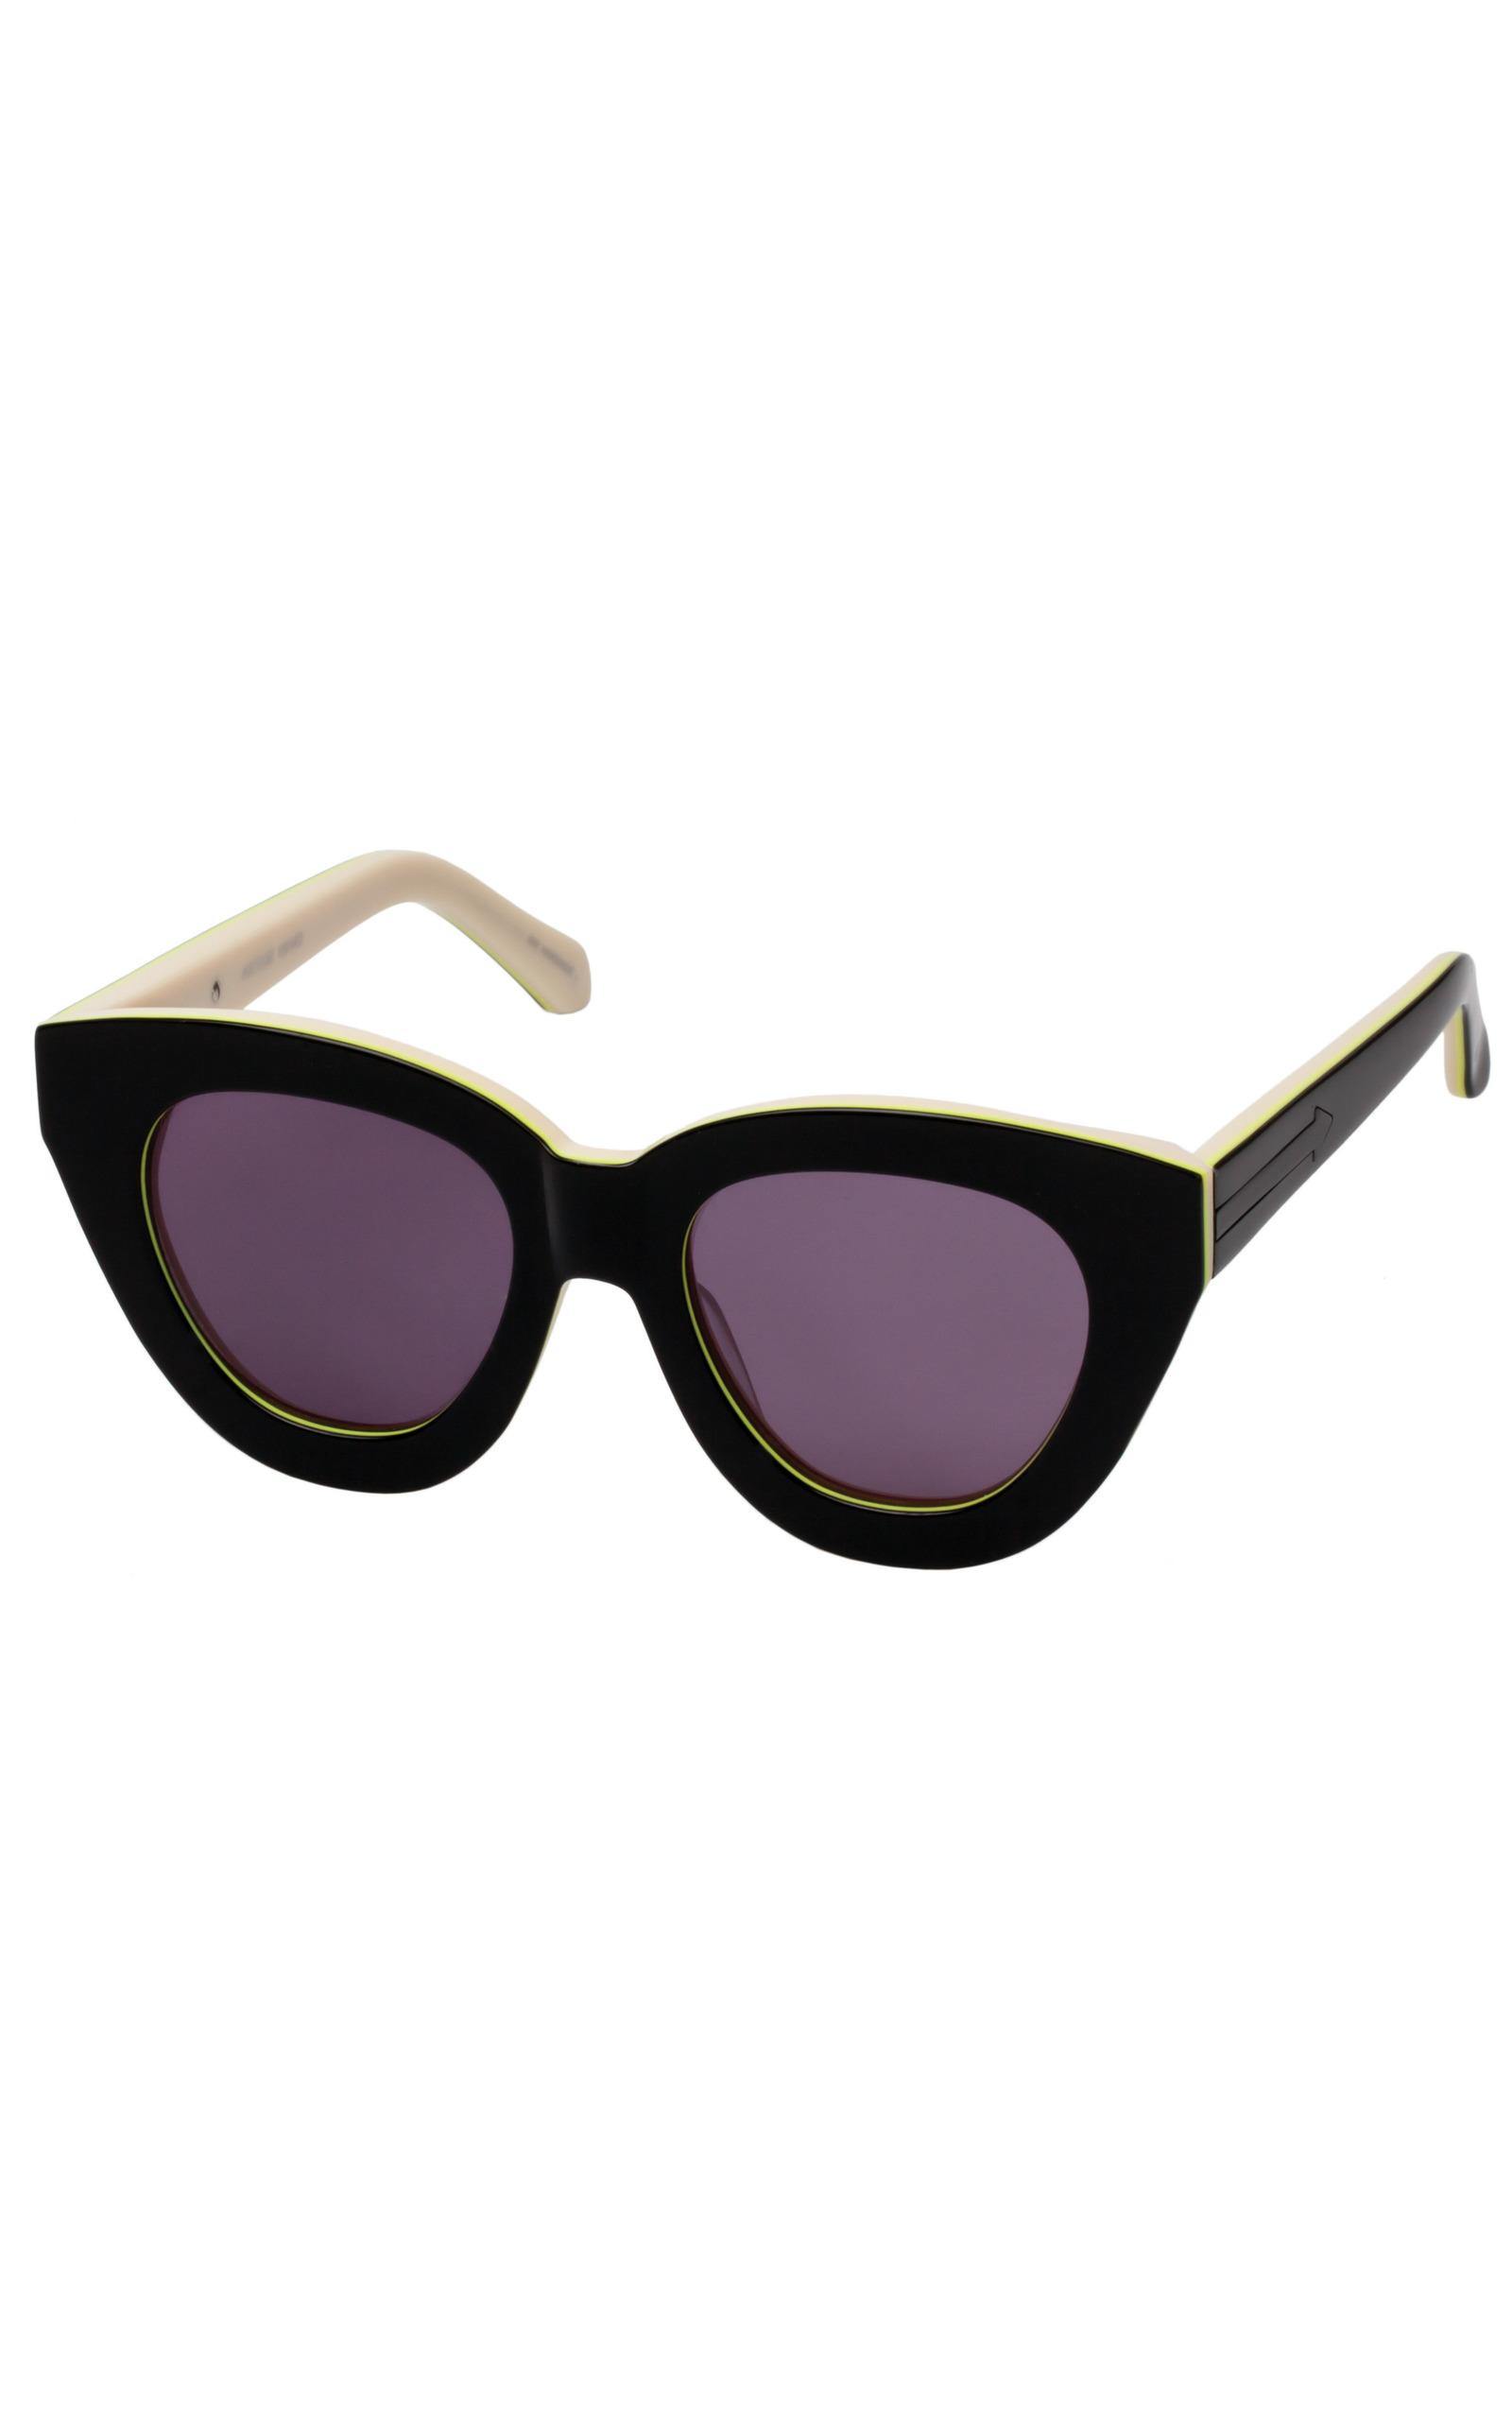 cb35a2938d3e Anytime Black Fluro Sunglasses by Karen Walker